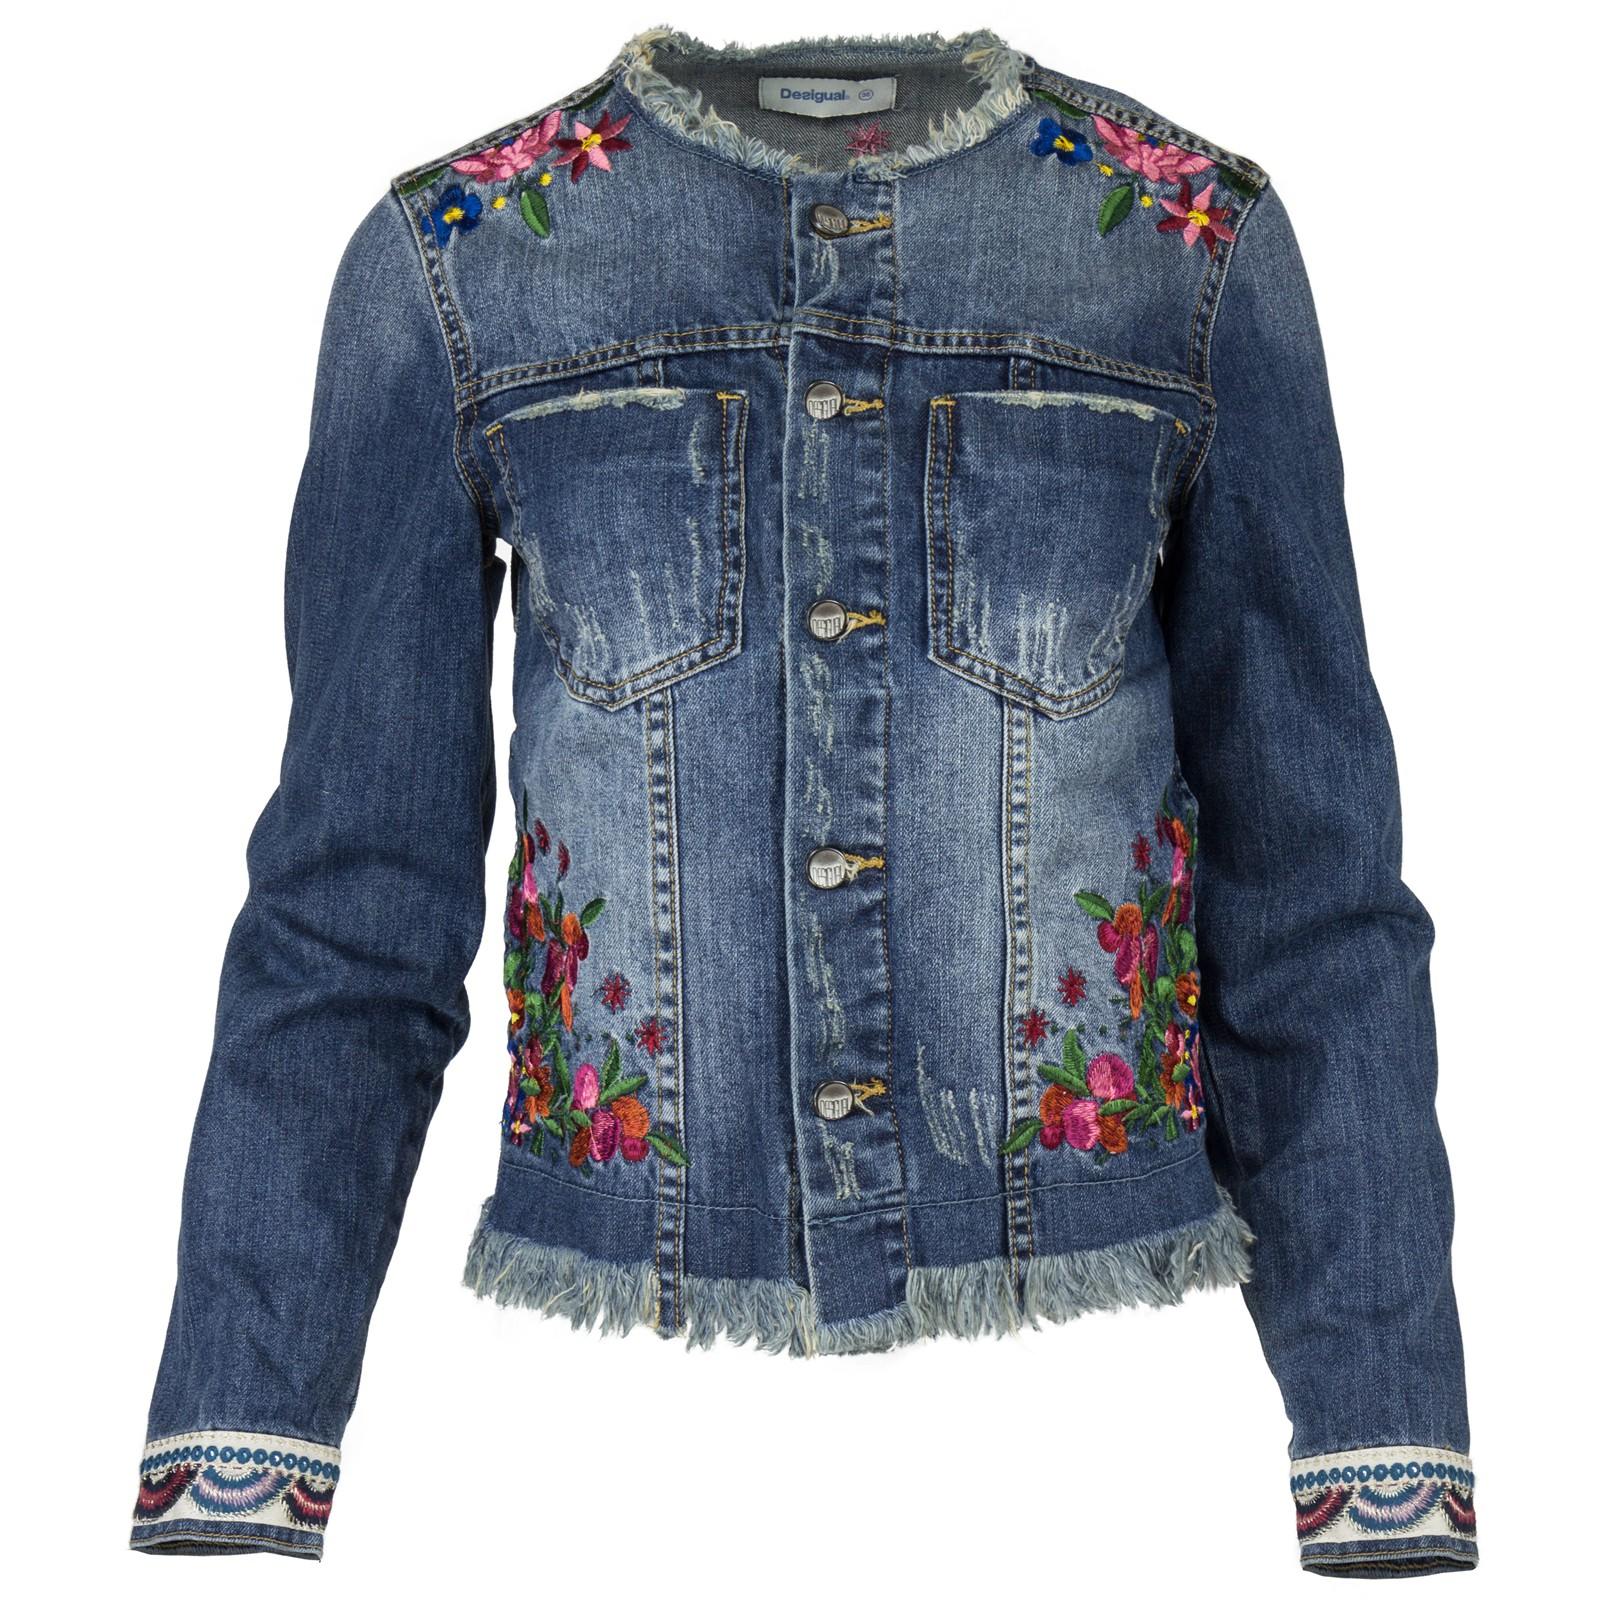 Desigual jeans jacke damen